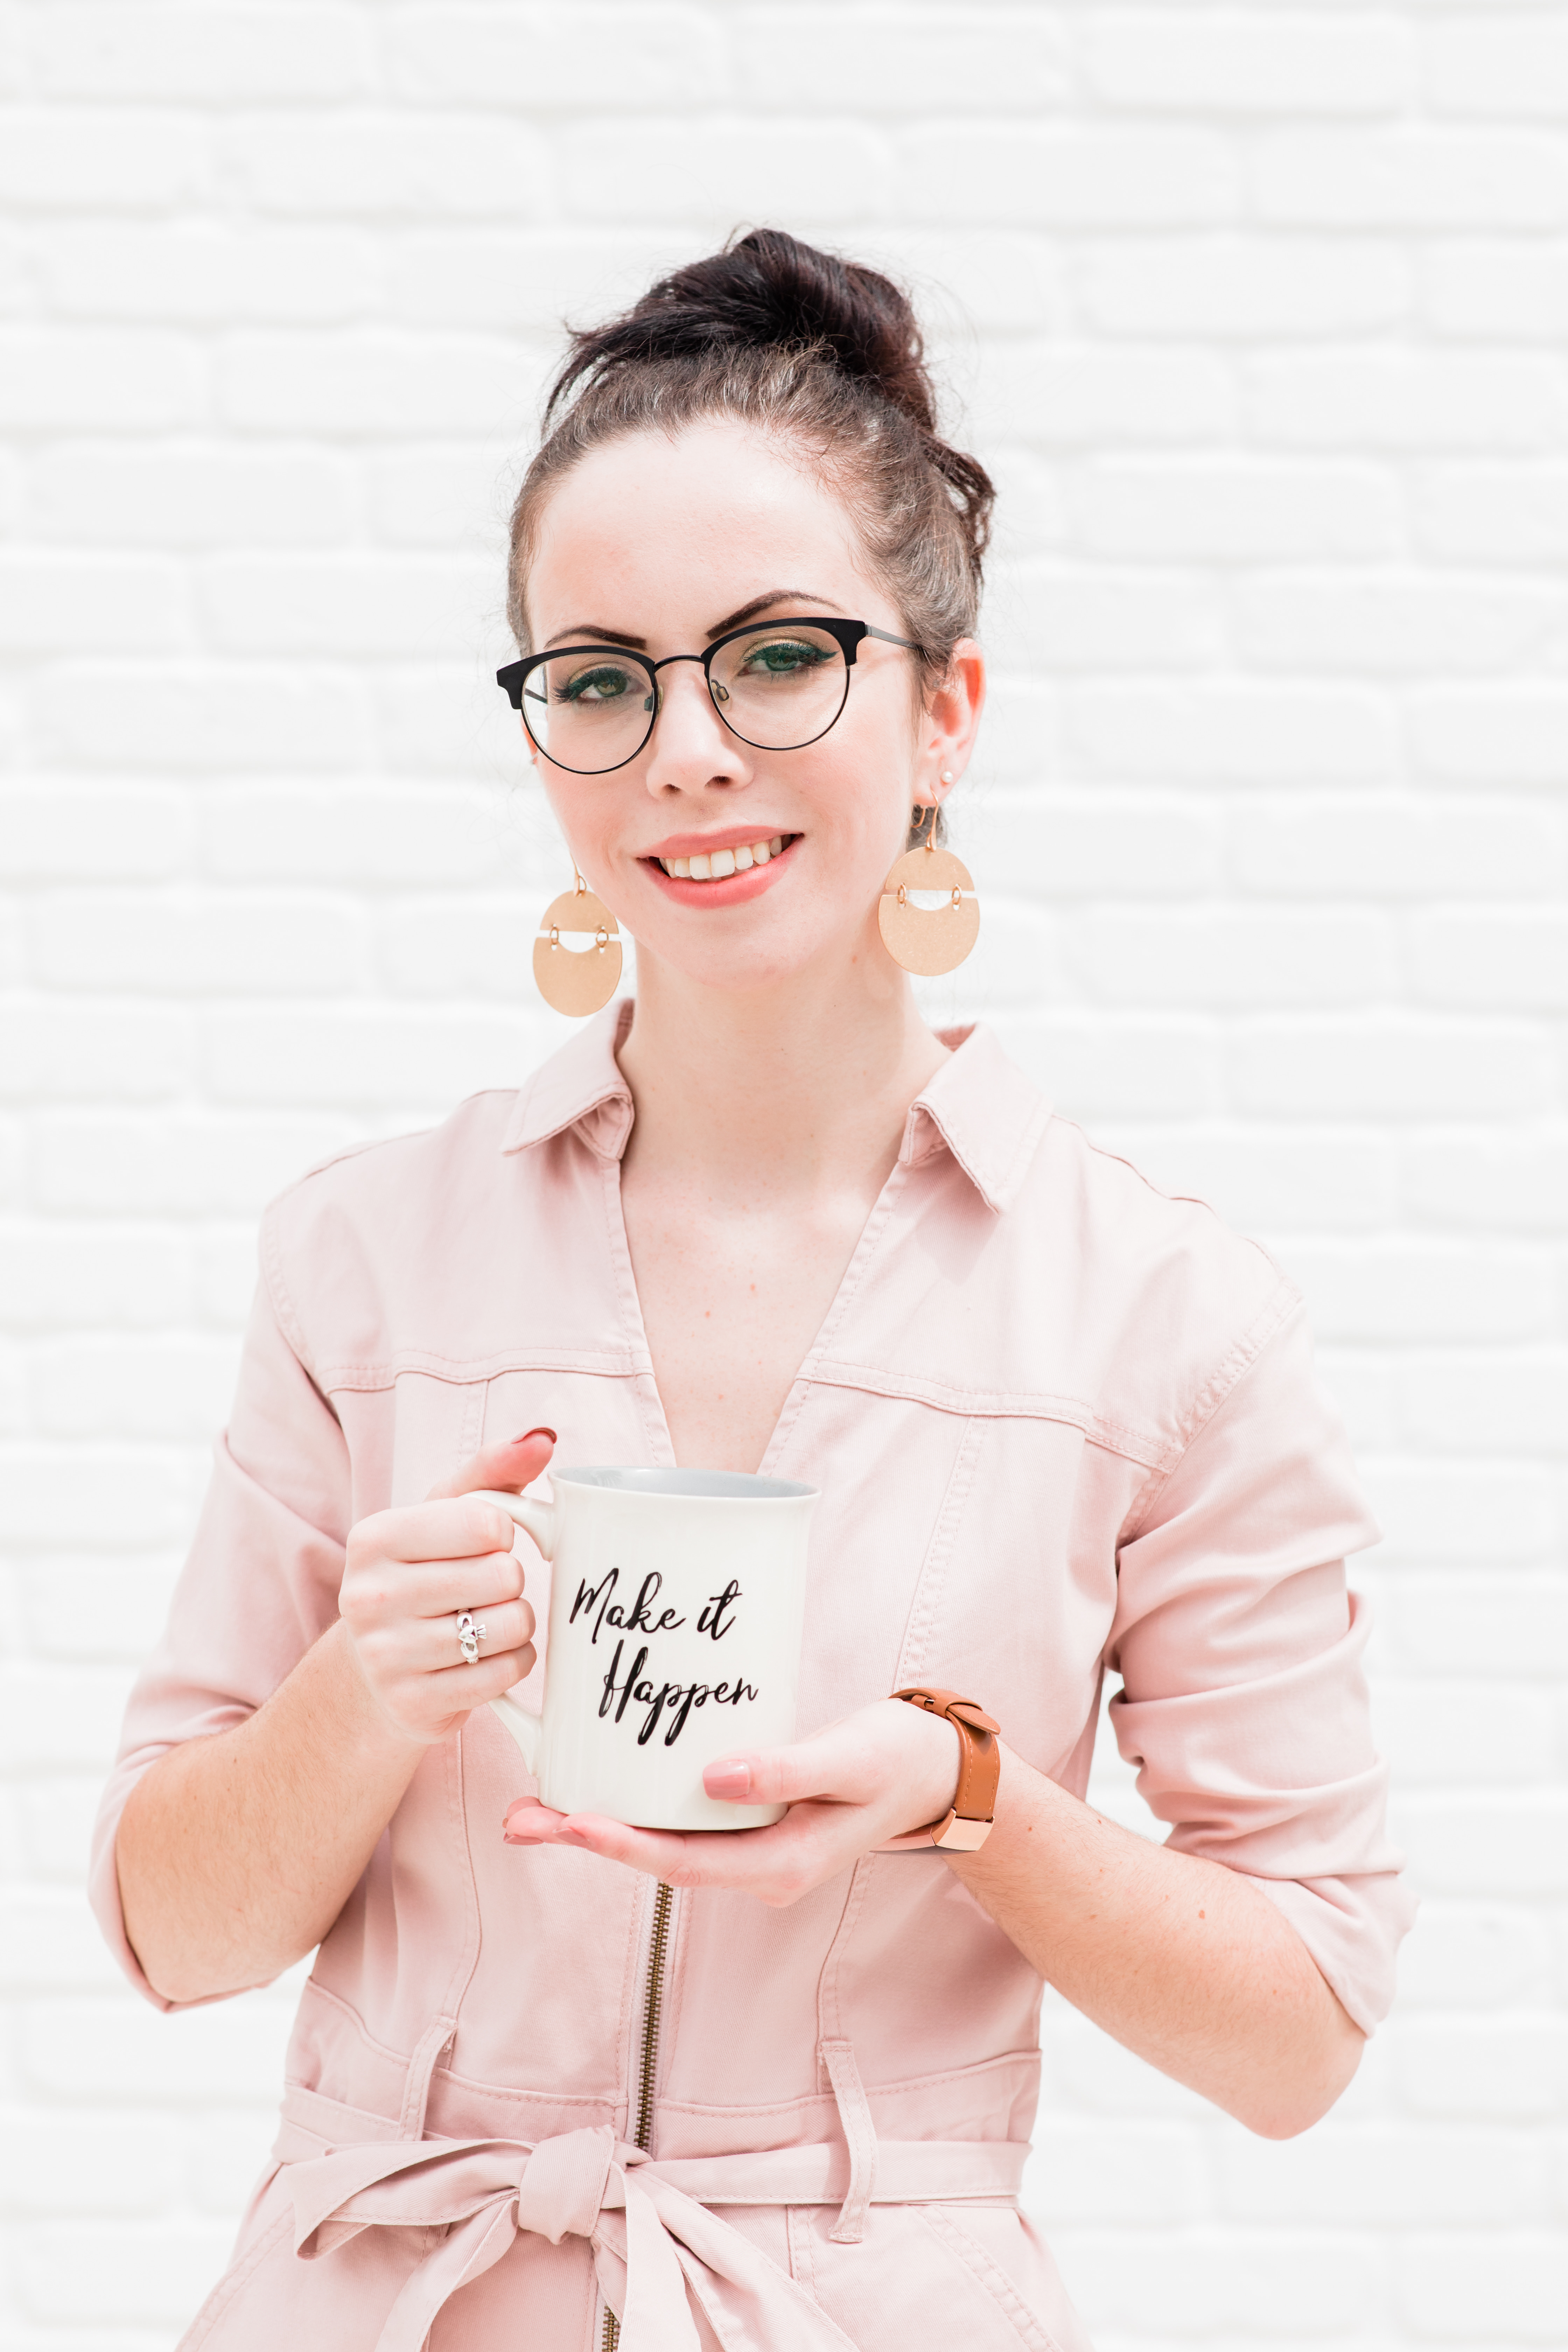 Woman smiling with mug